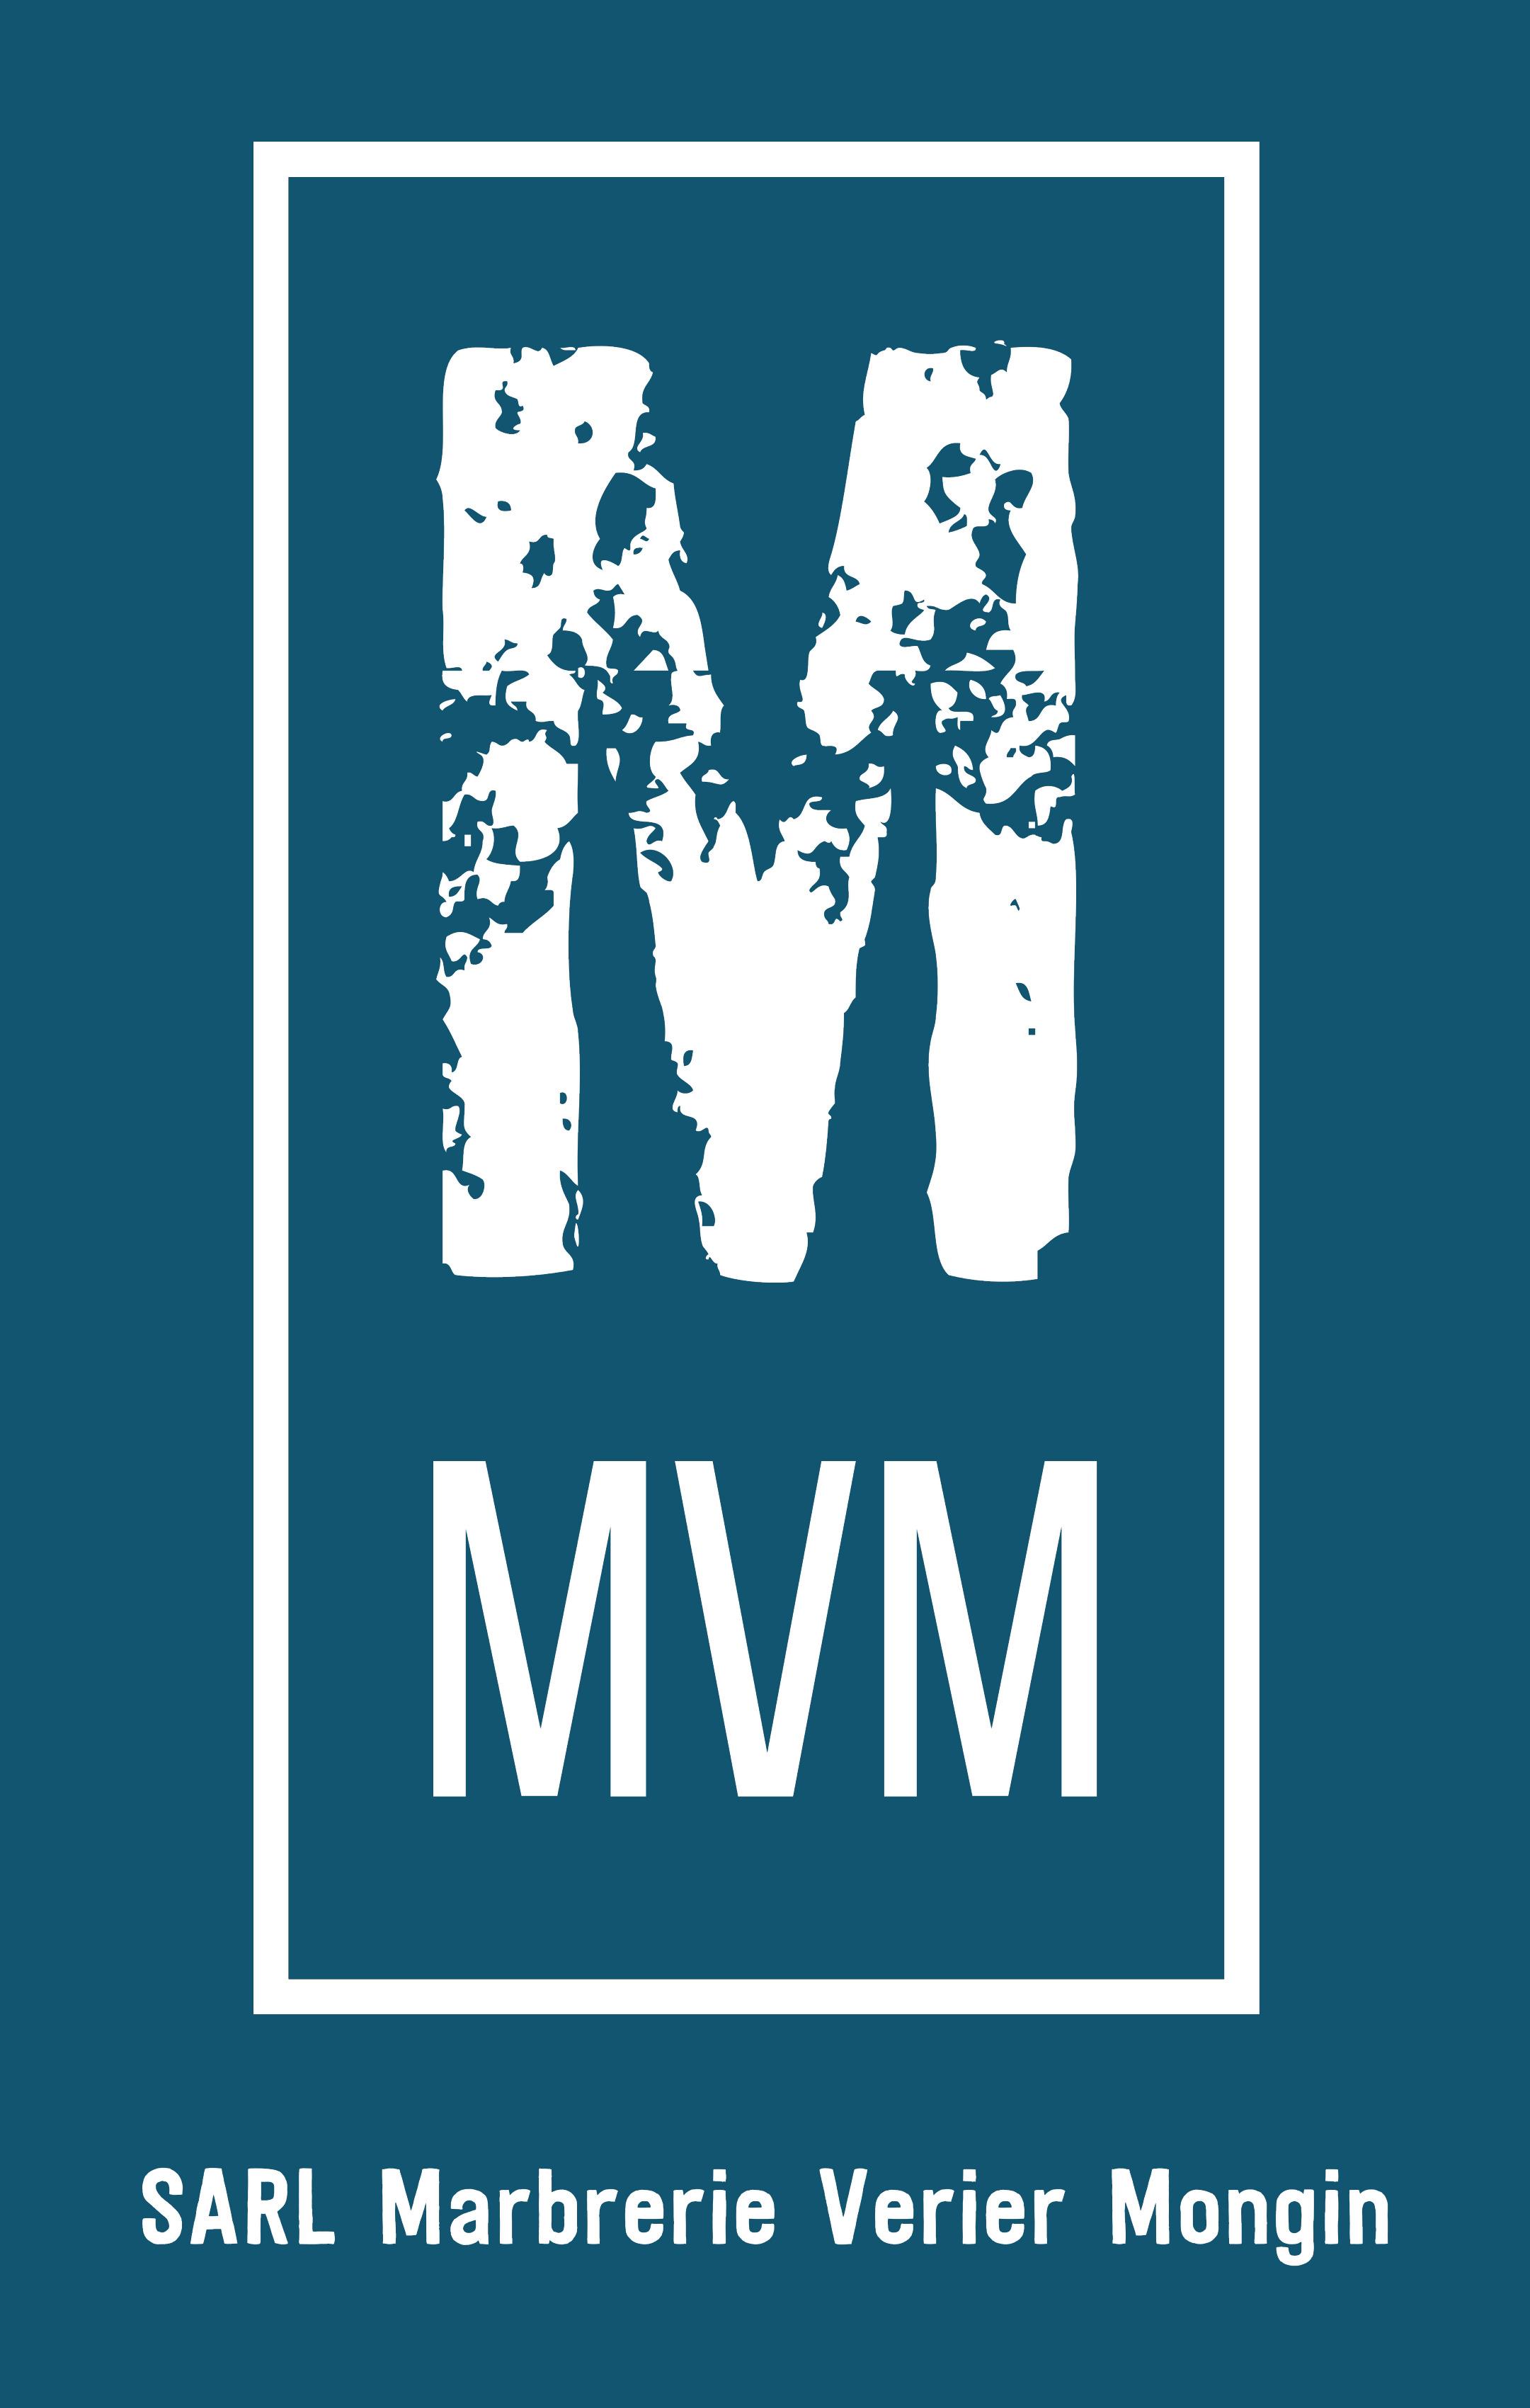 Logo Marbrerie Verier Mongin